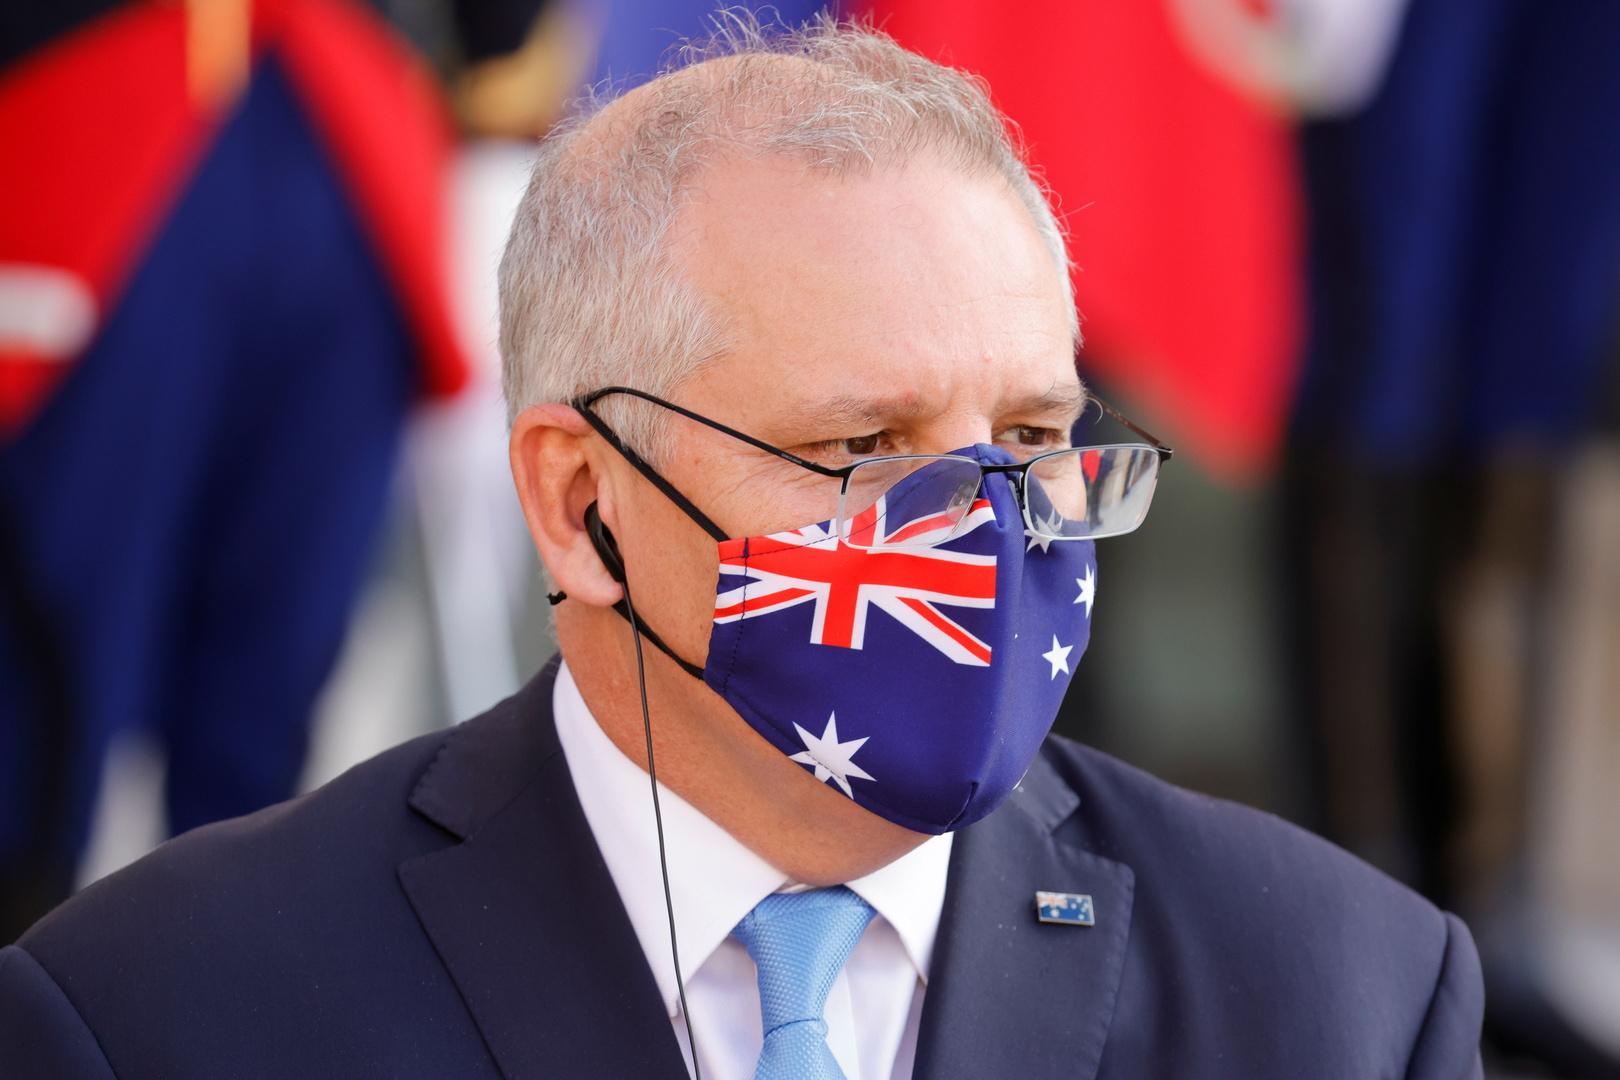 رئيس الوزراء الأسترالي يتعرض للانتقاد بسبب تعامله مع جائحة كورونا